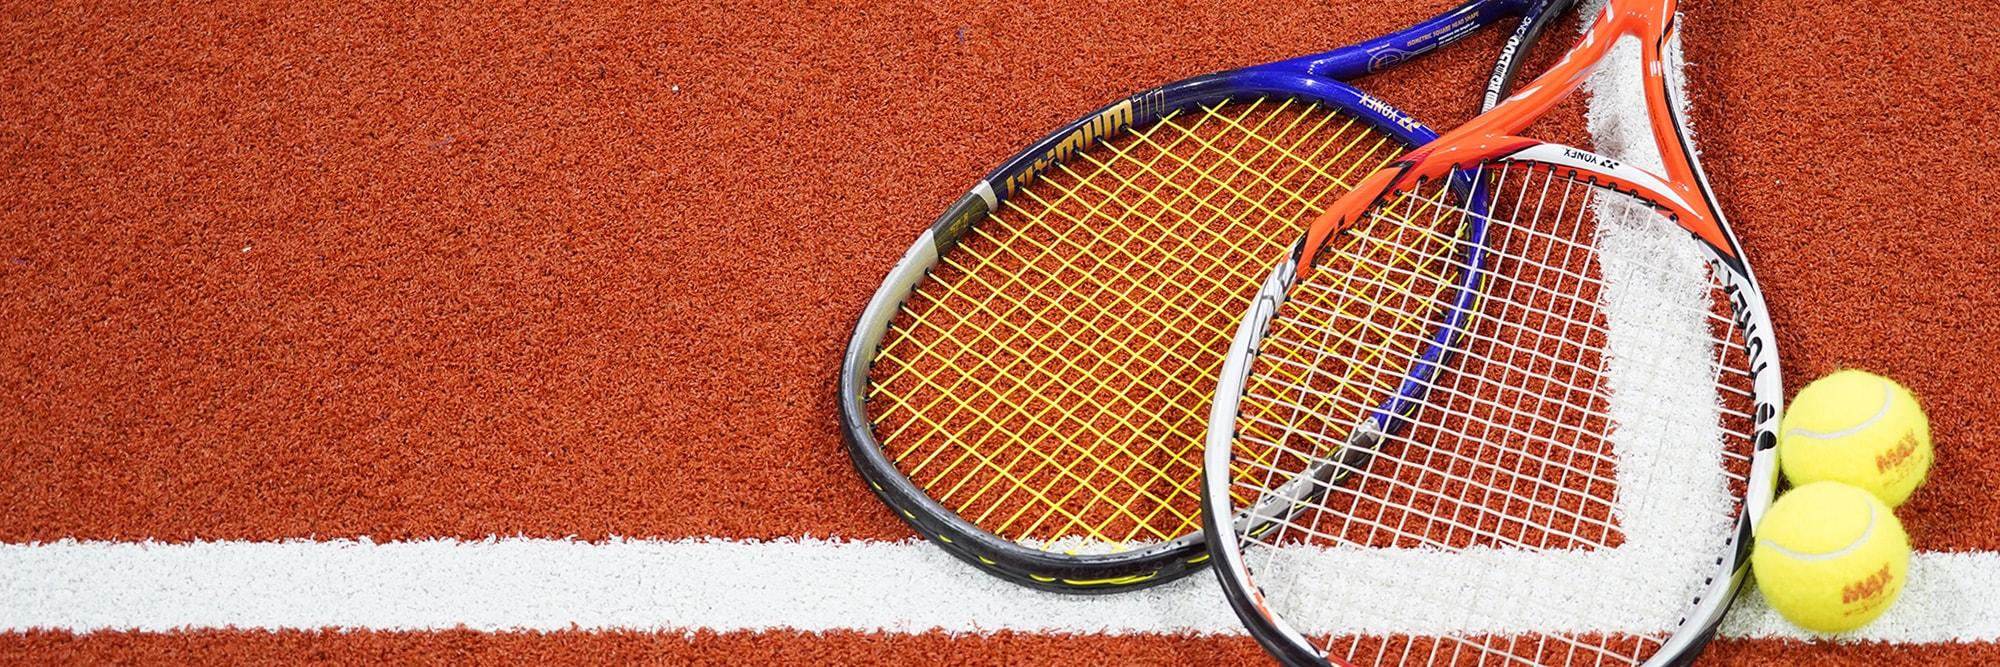 長野市 インドアテニススクール 結果報告